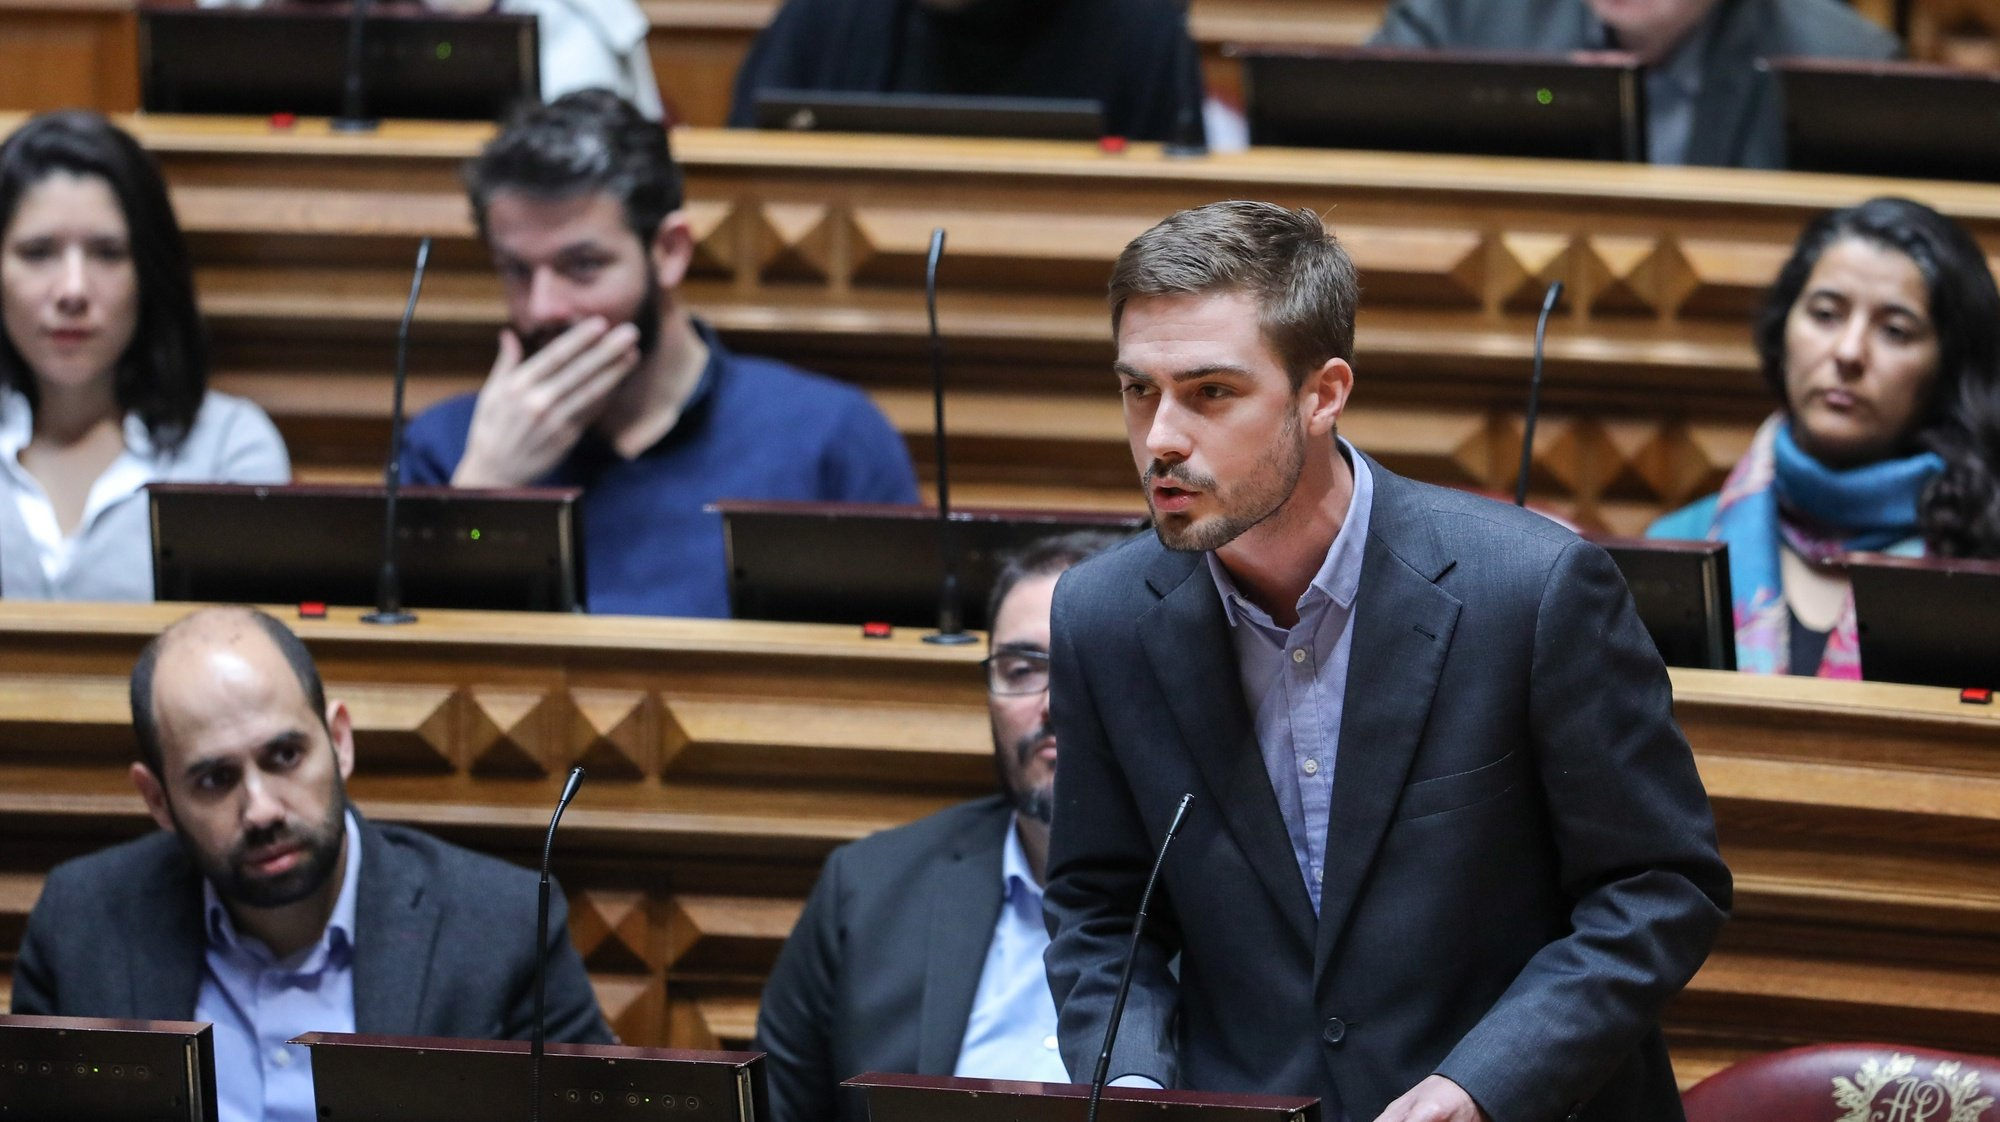 O deputado do Partido Comunista Português (PCP) Duarte Alves intervém esta manhã durante o debate na especialidade da proposta de Orçamento do Estado para 2020 (OE2020), na Assembleia da República, em Lisboa, 03 de fevereiro de 2020. MIGUEL A. LOPES/LUSA